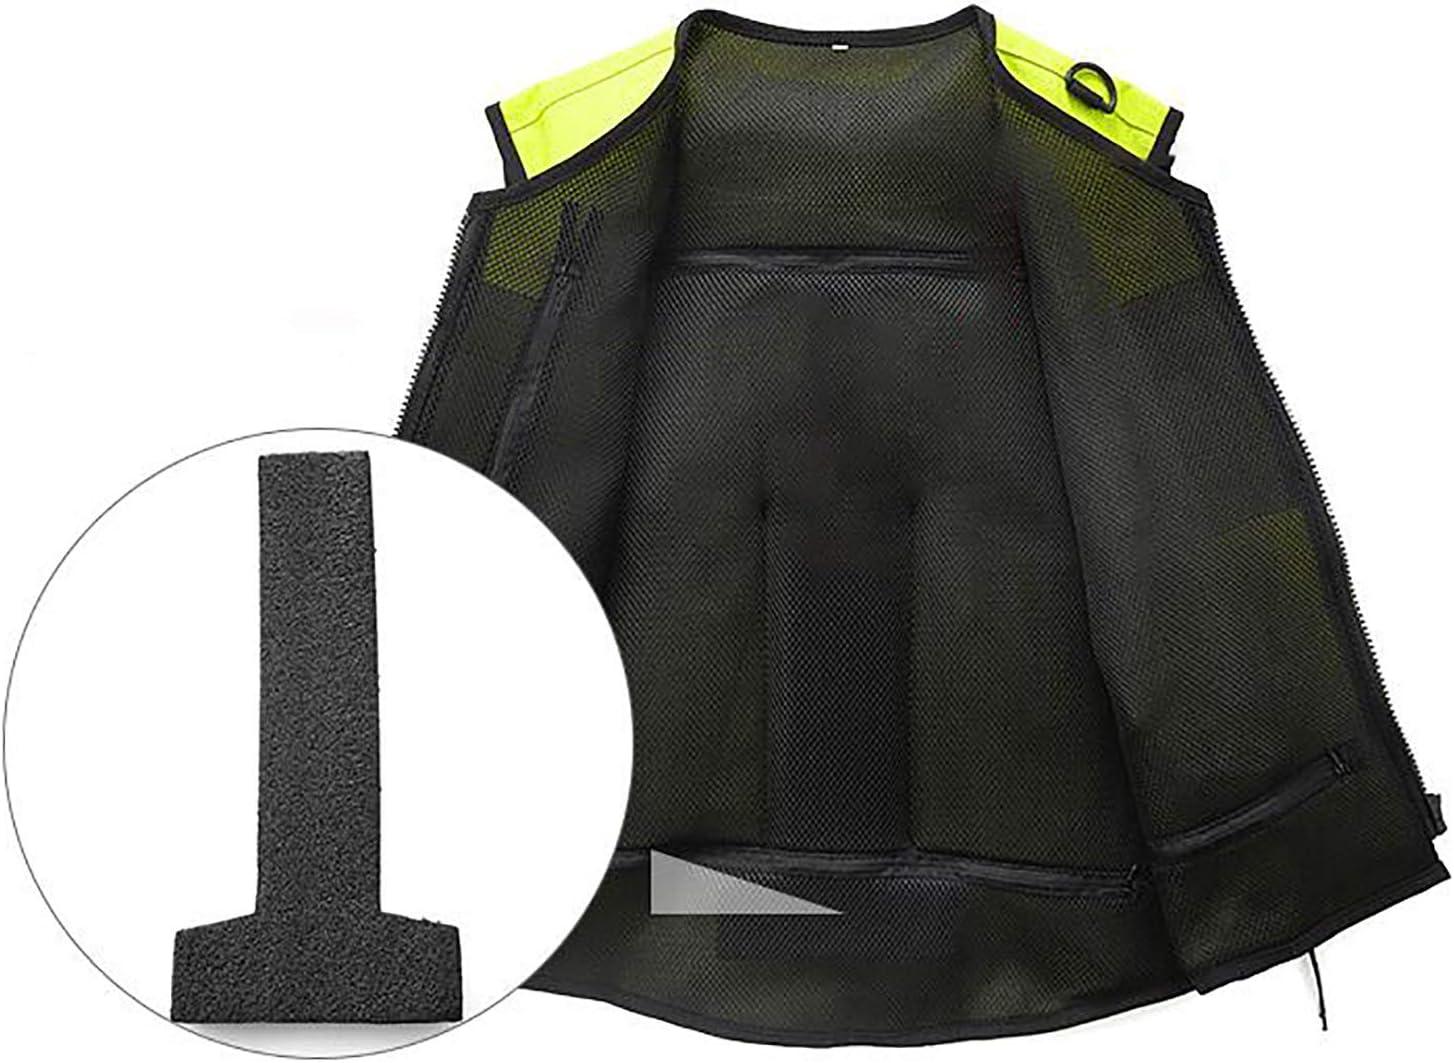 Airbag Chaleco Cremalleras Resistentes A La Abrasi/ón Es Suave Y F/ácil De Limpiar La Motocicleta De La Chaqueta De Airbag Motocicletas ATV Adecuados,1,S XLY Ciclismo Chaleco De Seguridad